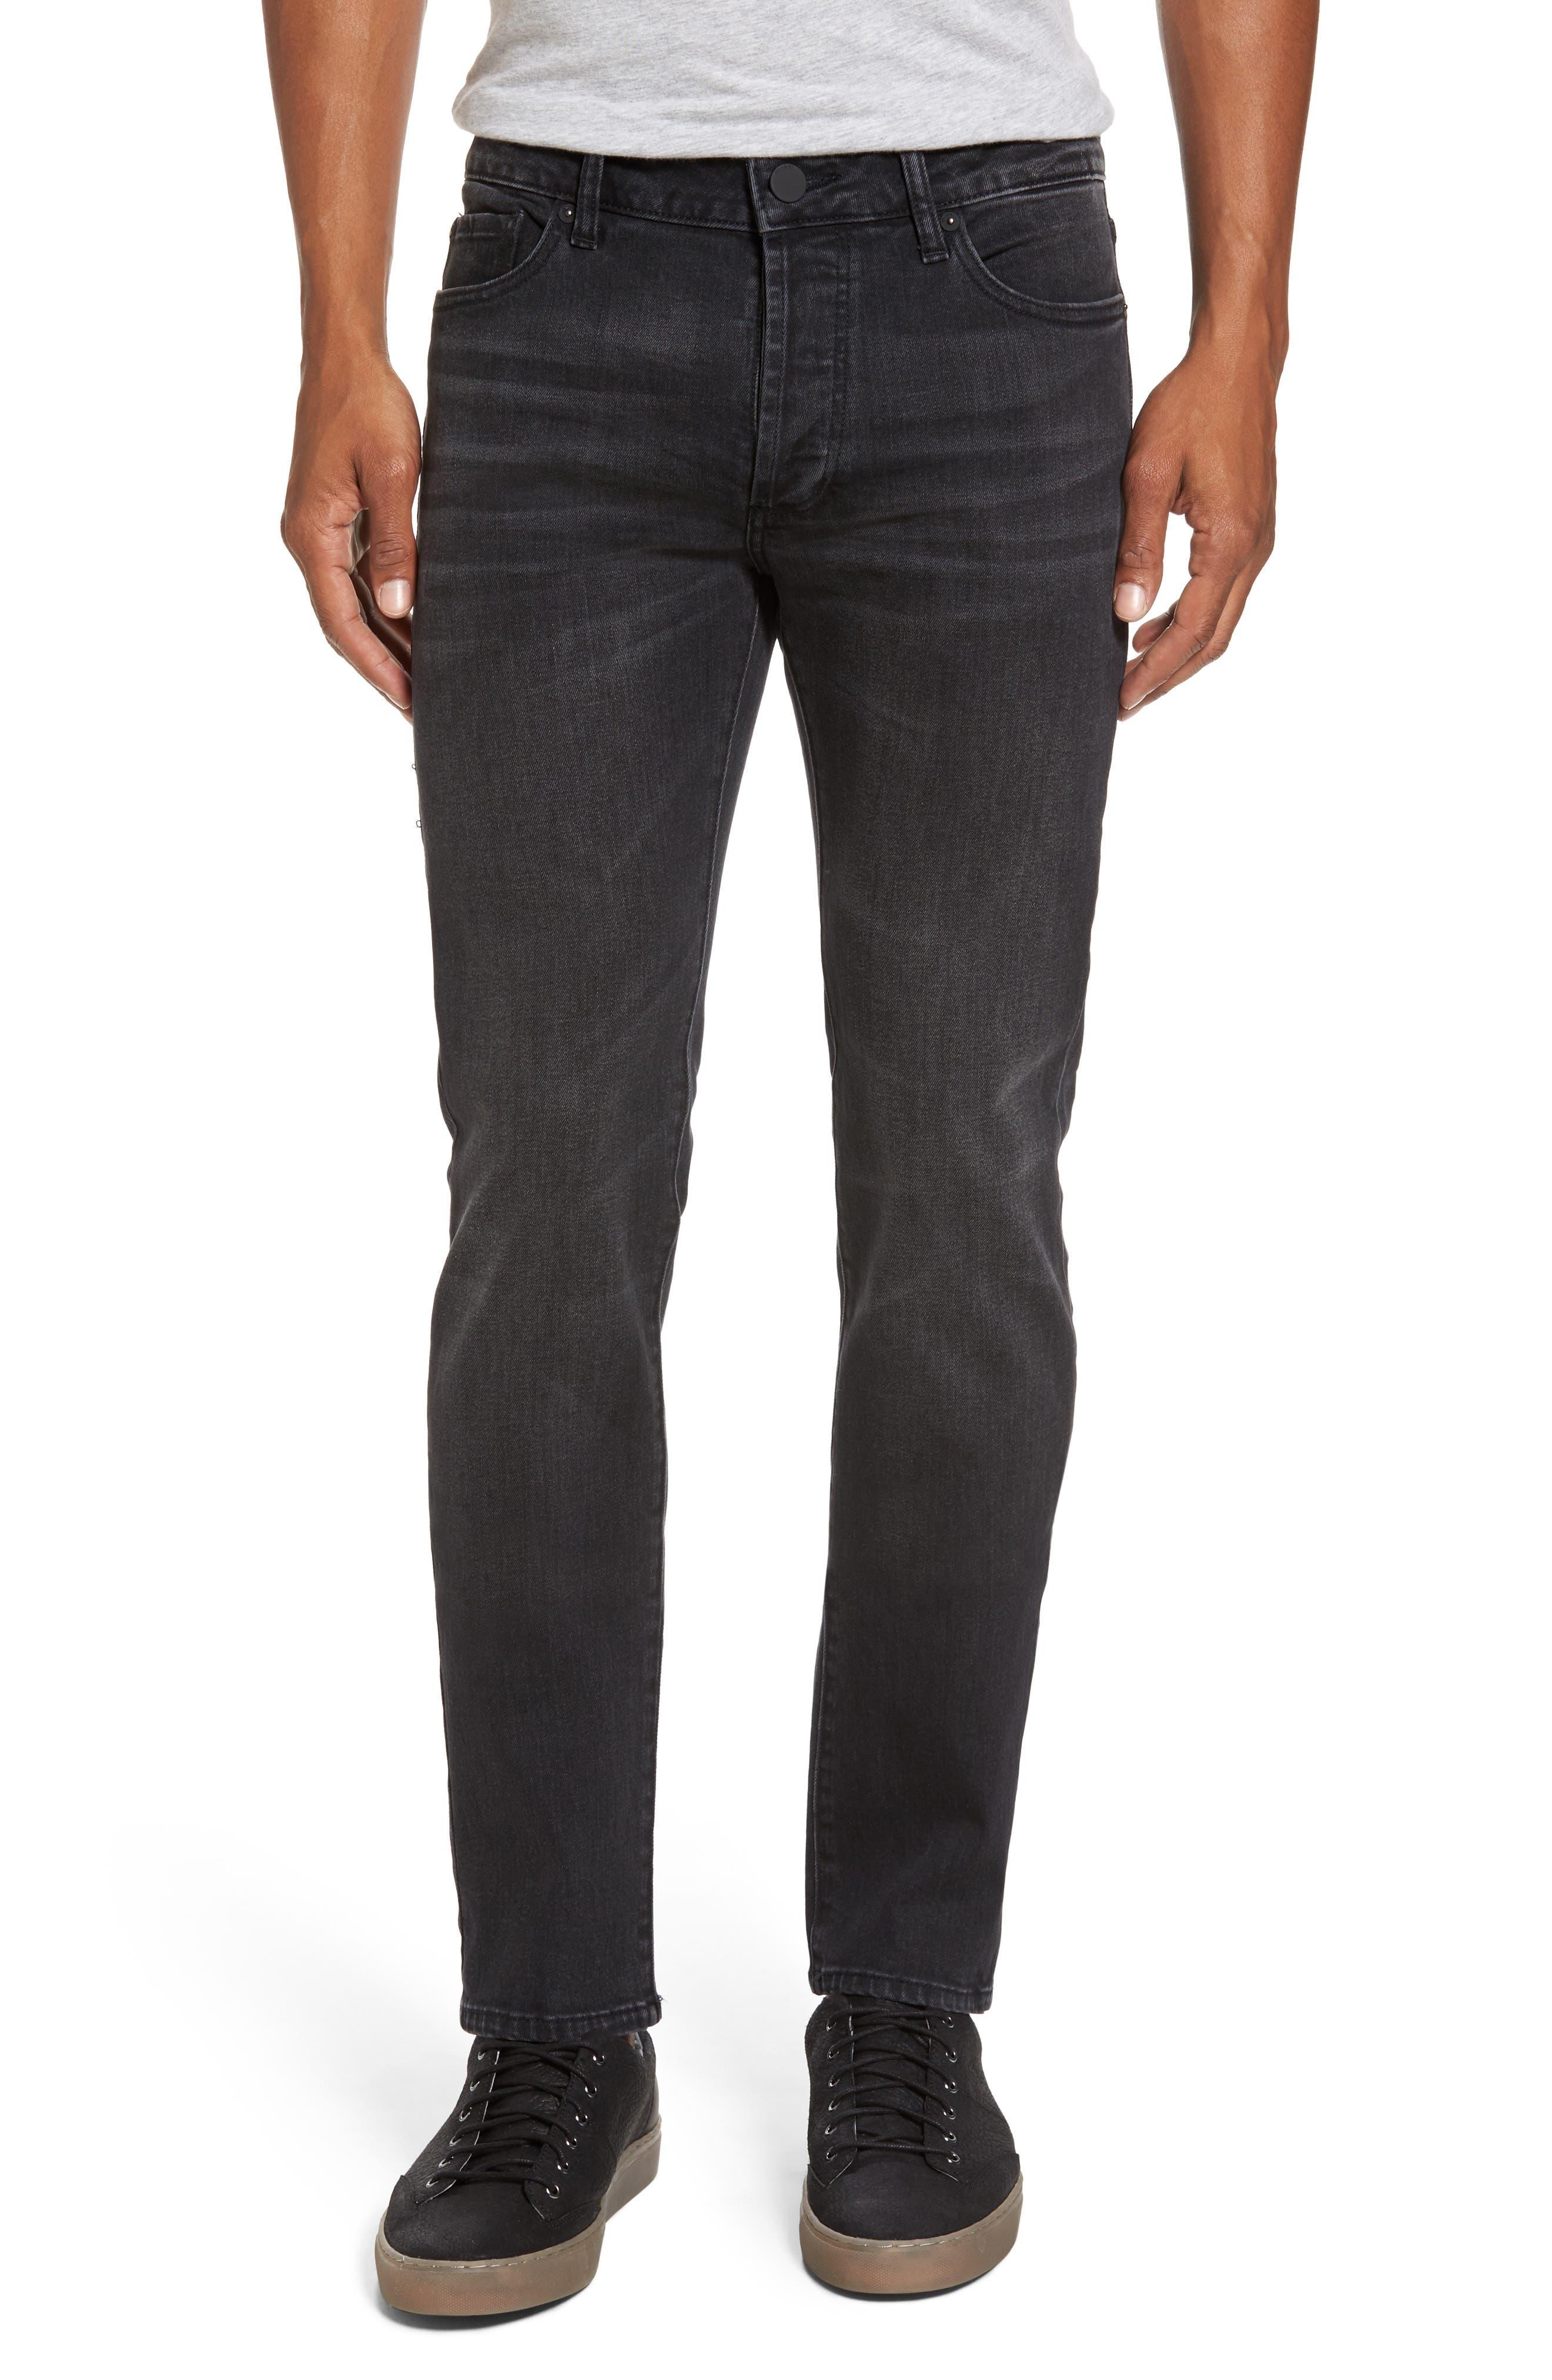 Alternate Image 1 Selected - DL1961 Nick Slim Fit Jeans (Jet)